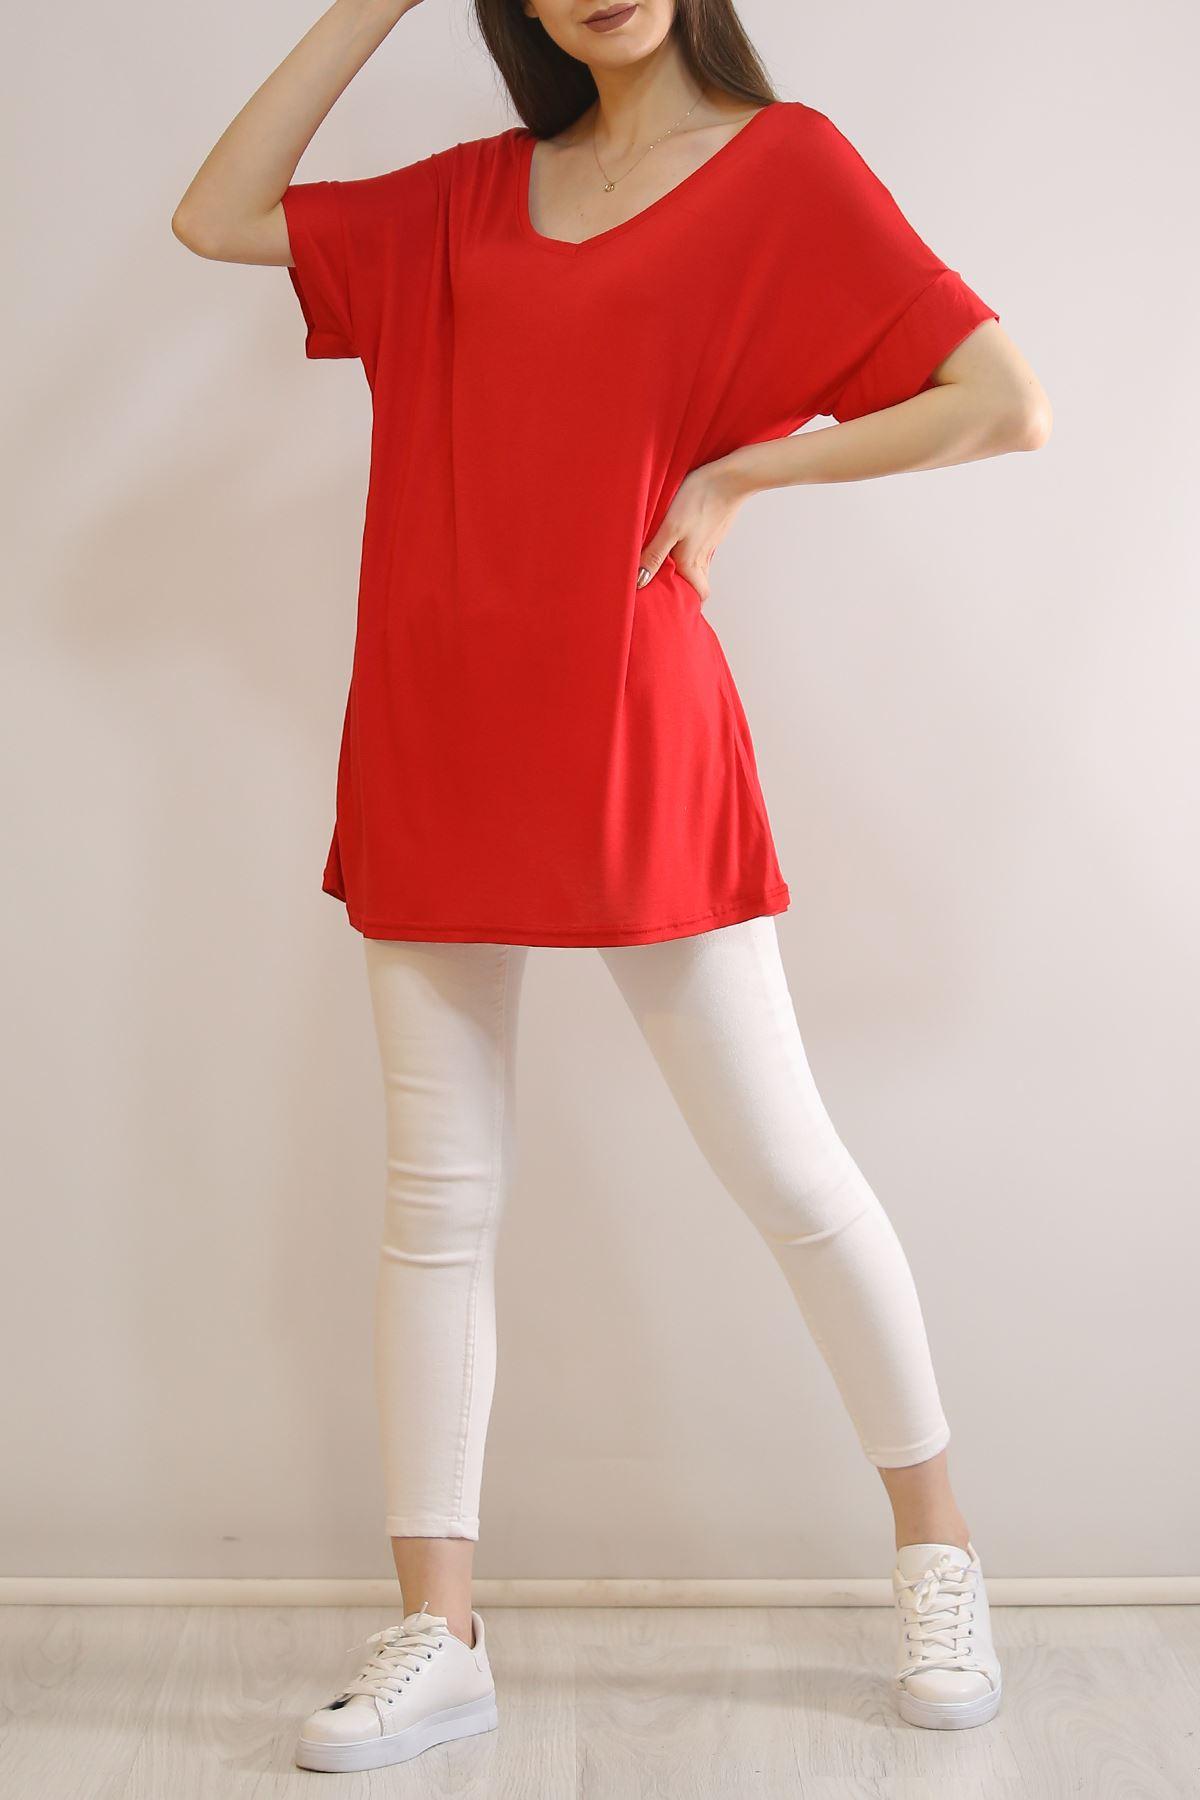 Kanat Baskılı Tişört Kırmızı - 5825.1092.